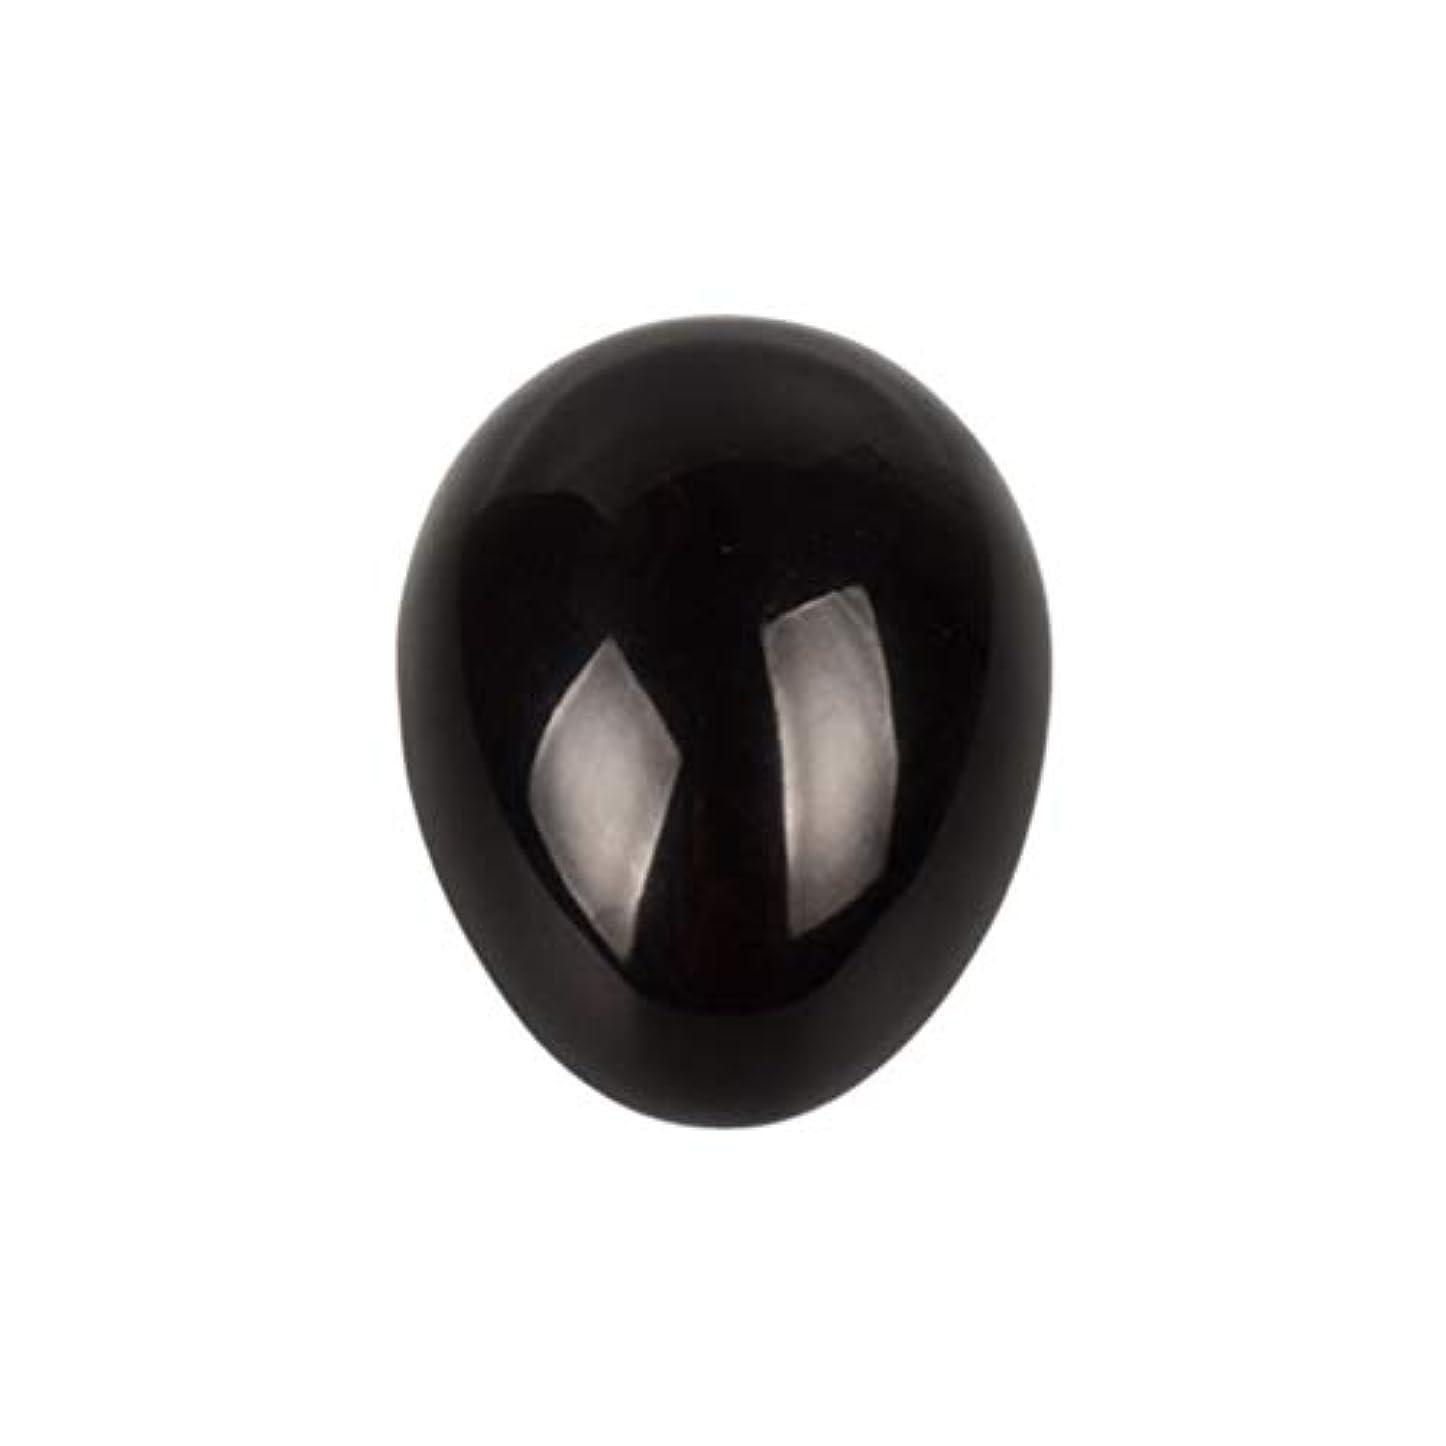 妖精肉腫さわやかHealifty 癒しの瞑想のための黒い黒曜石の宝石の卵球チャクラのバランスと家の装飾45 * 30 * 30ミリメートル